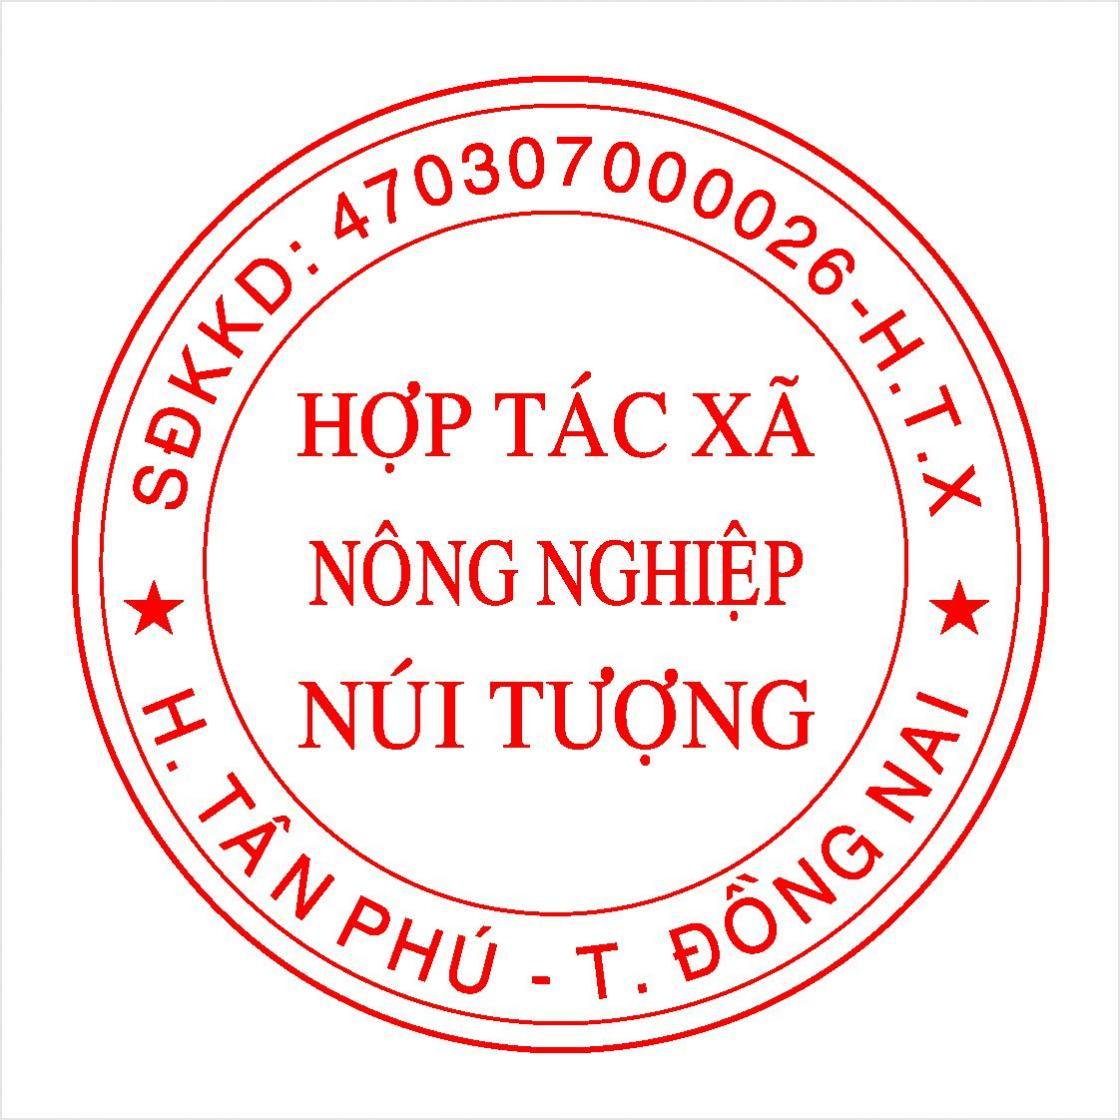 khac-con-dau-tron-hop-tac-xa